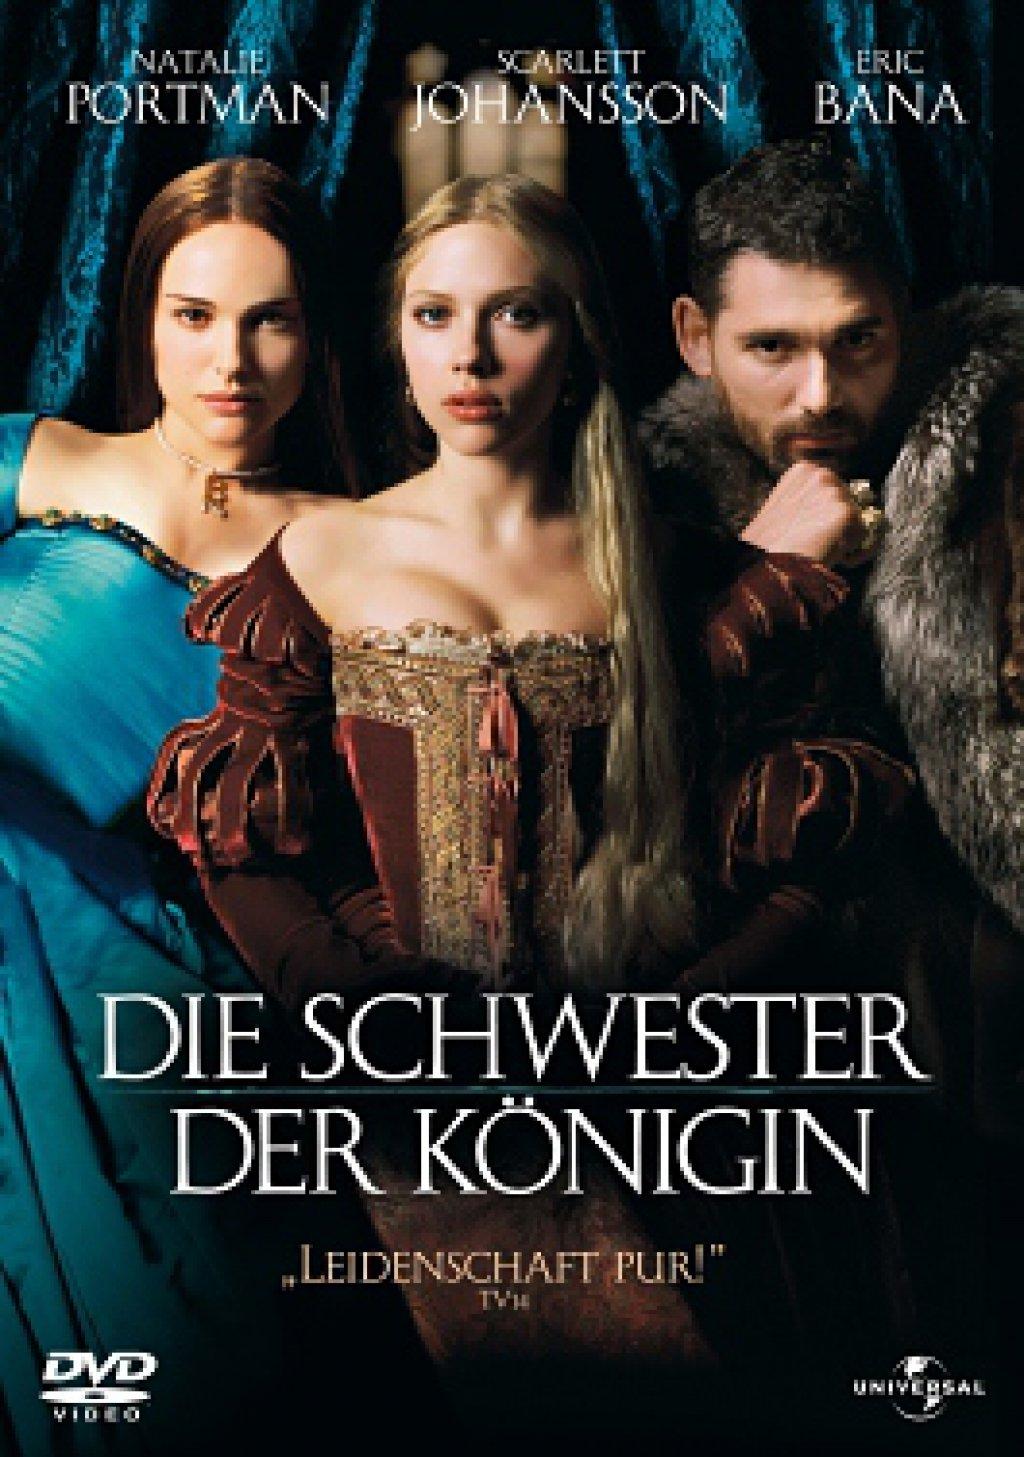 Die Schwester der Königin (DVD)